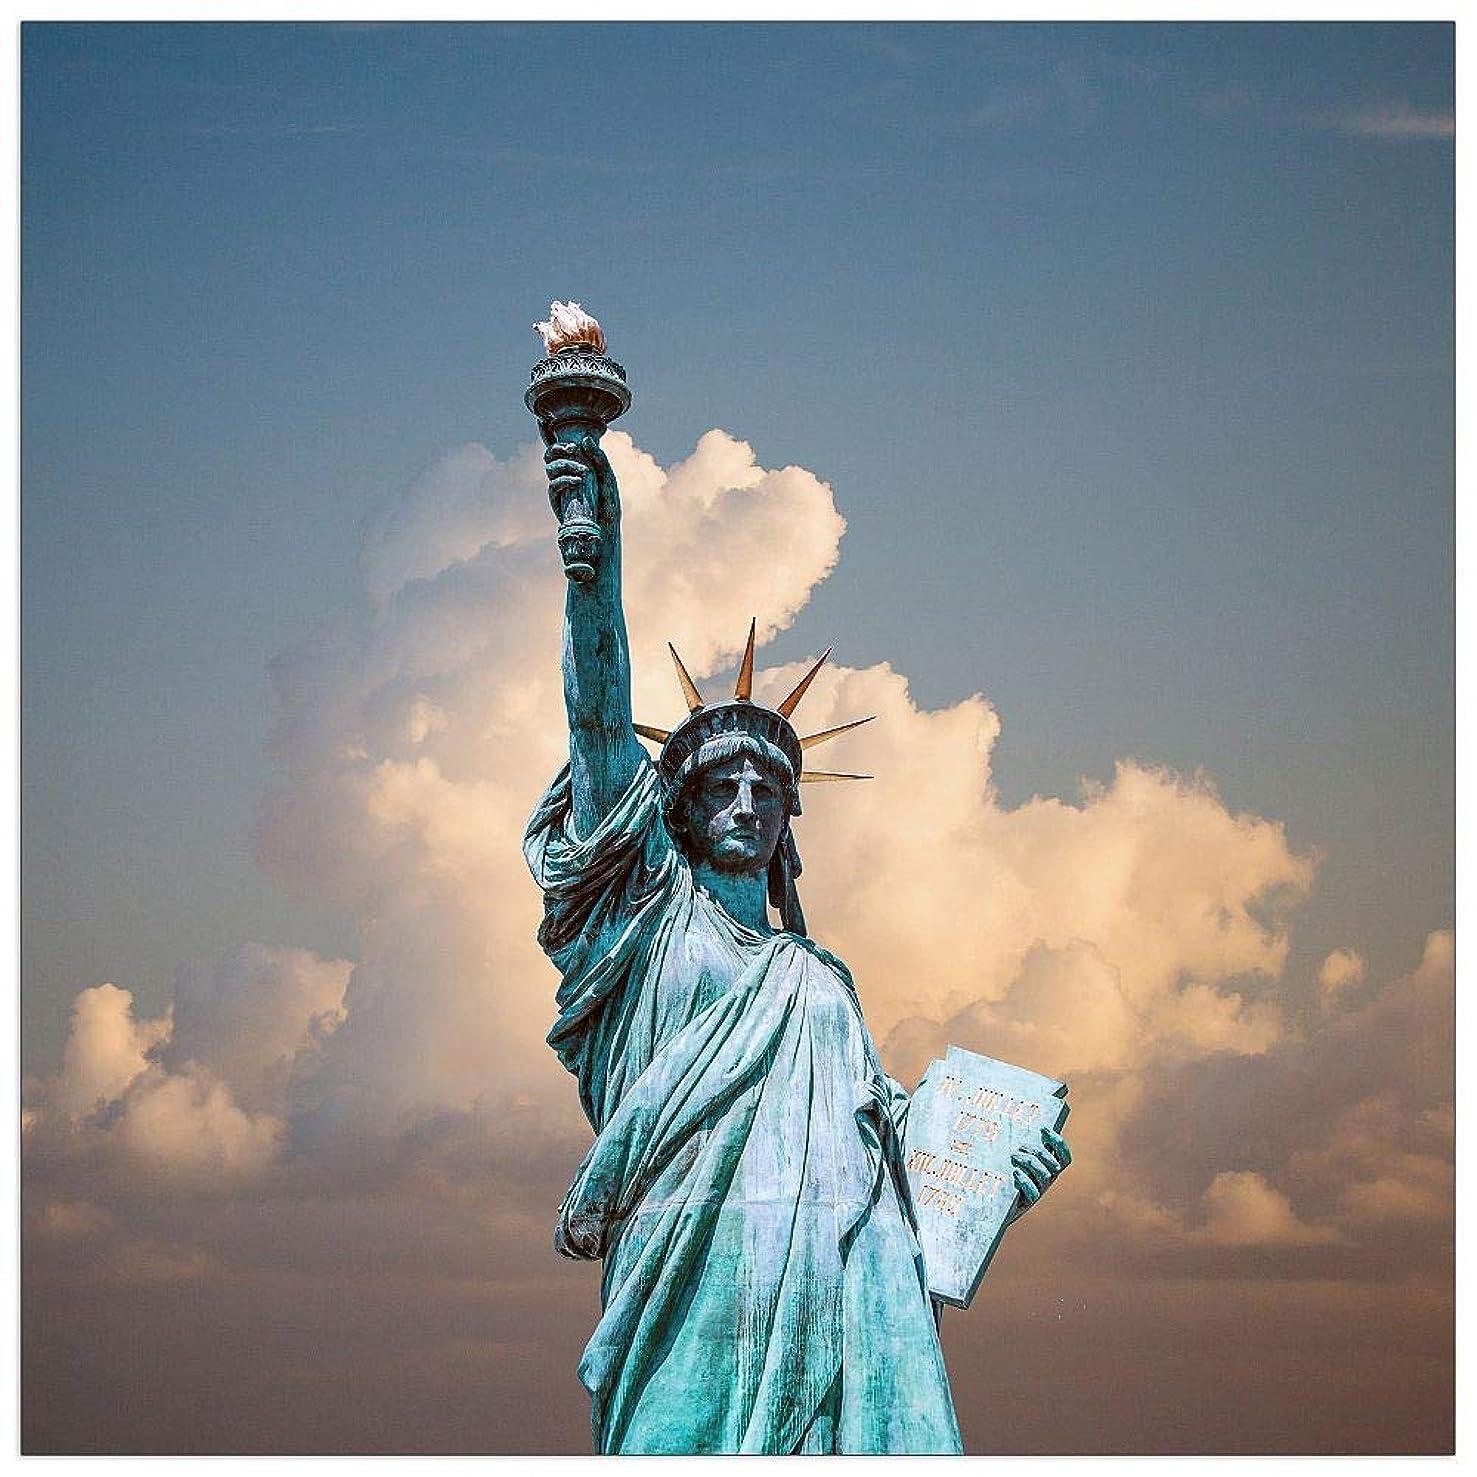 ArtPlaza TW92649 Art Studio - Statue of Liberty Decorative Panel 31.5x31.5 Inch Multicolored